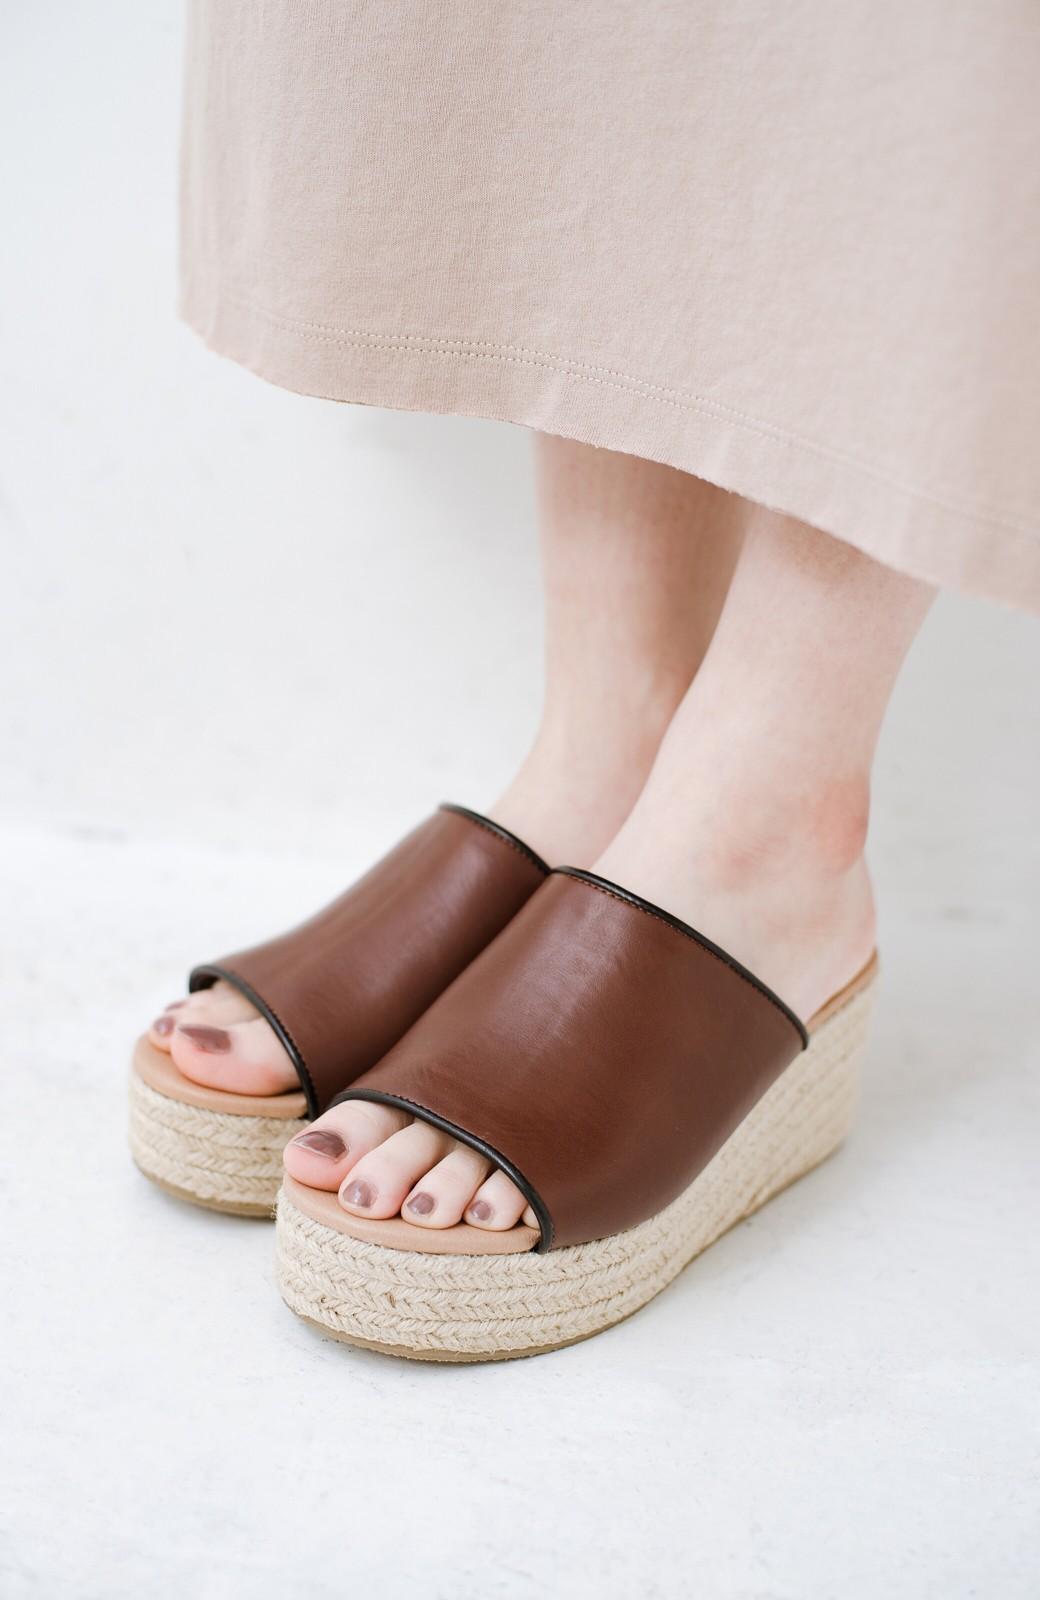 haco! 足を甘やかしながらもすっきり見せたいときに便利な バイカラーのプラットフォームサンダル <ブラウン>の商品写真2